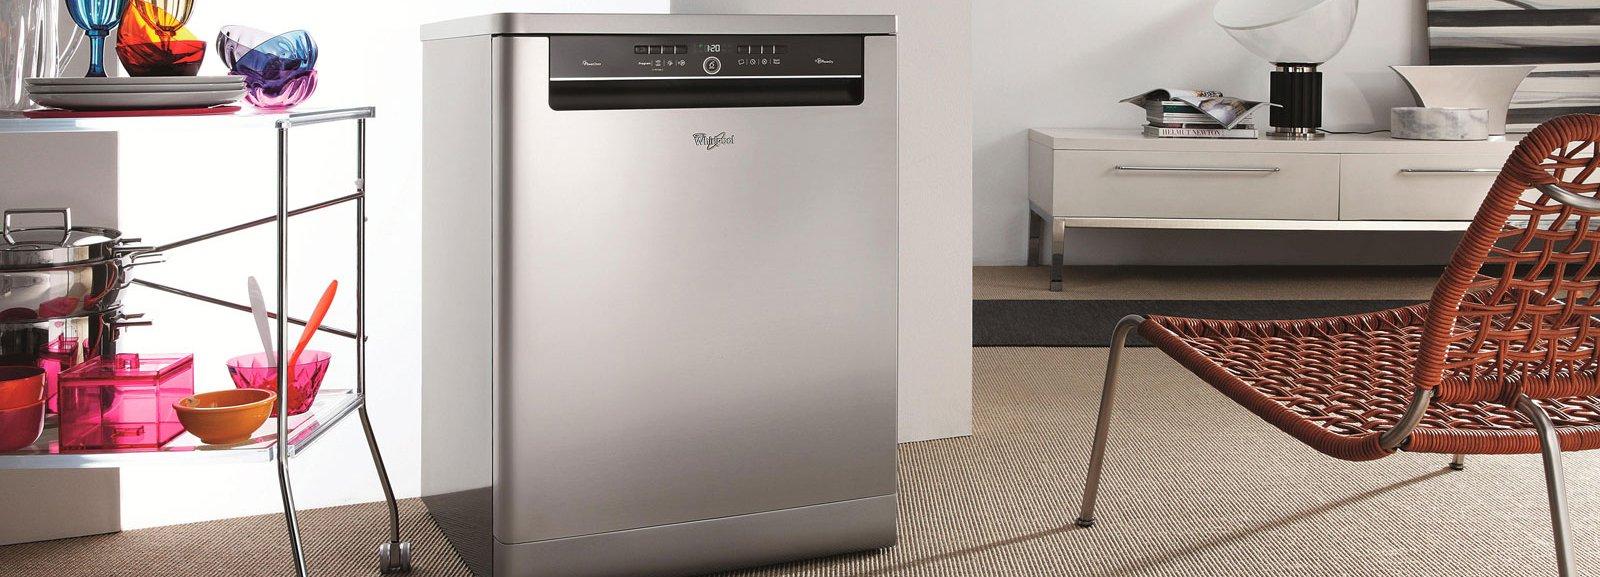 Lavastoviglie dalle grandi capacit e dai bassi consumi - Cucina induzione consumi ...